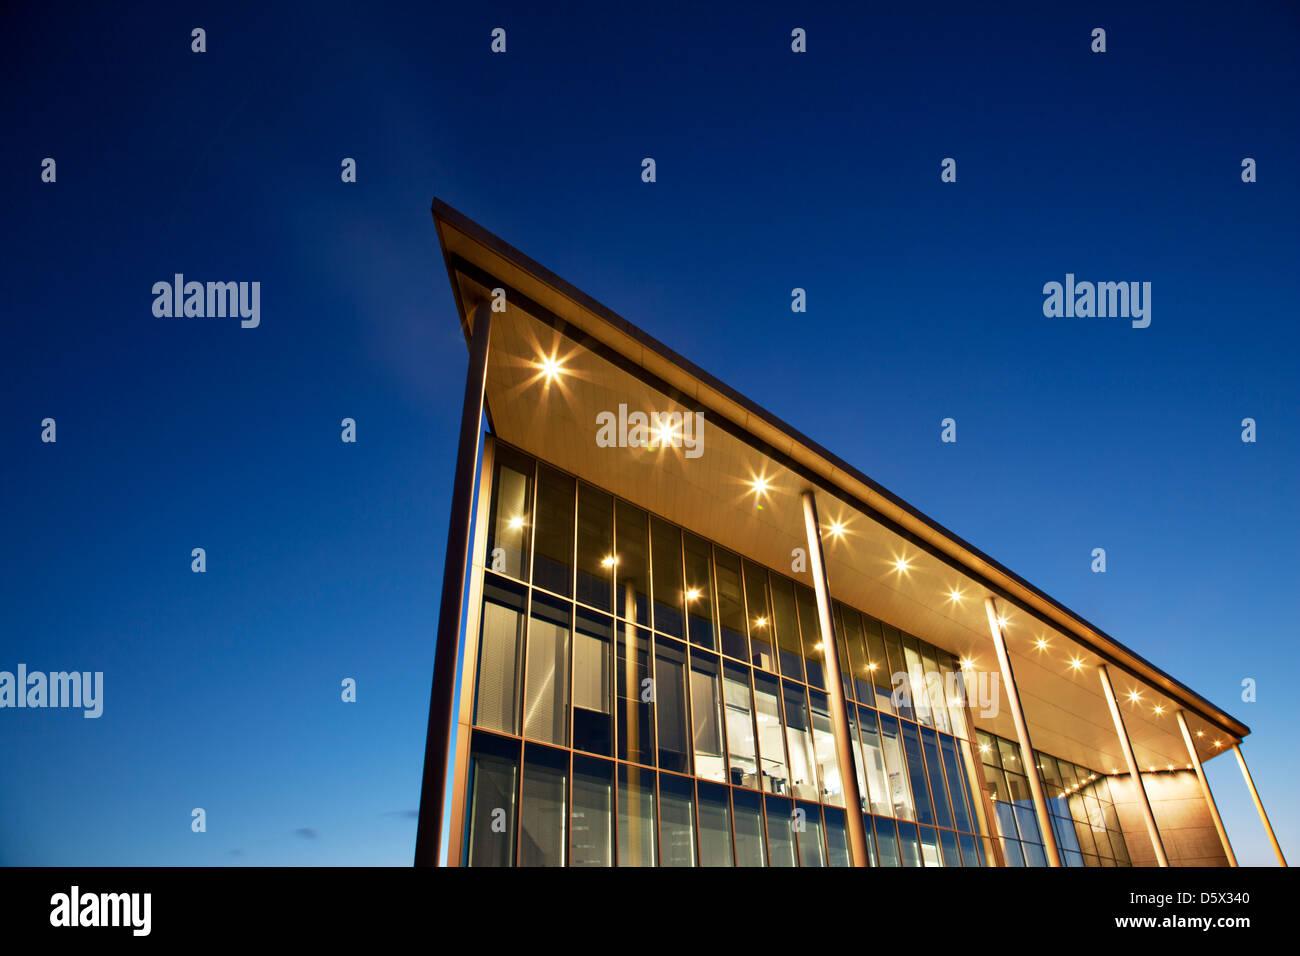 Modernes Gebäude in der Dämmerung beleuchtet Stockbild